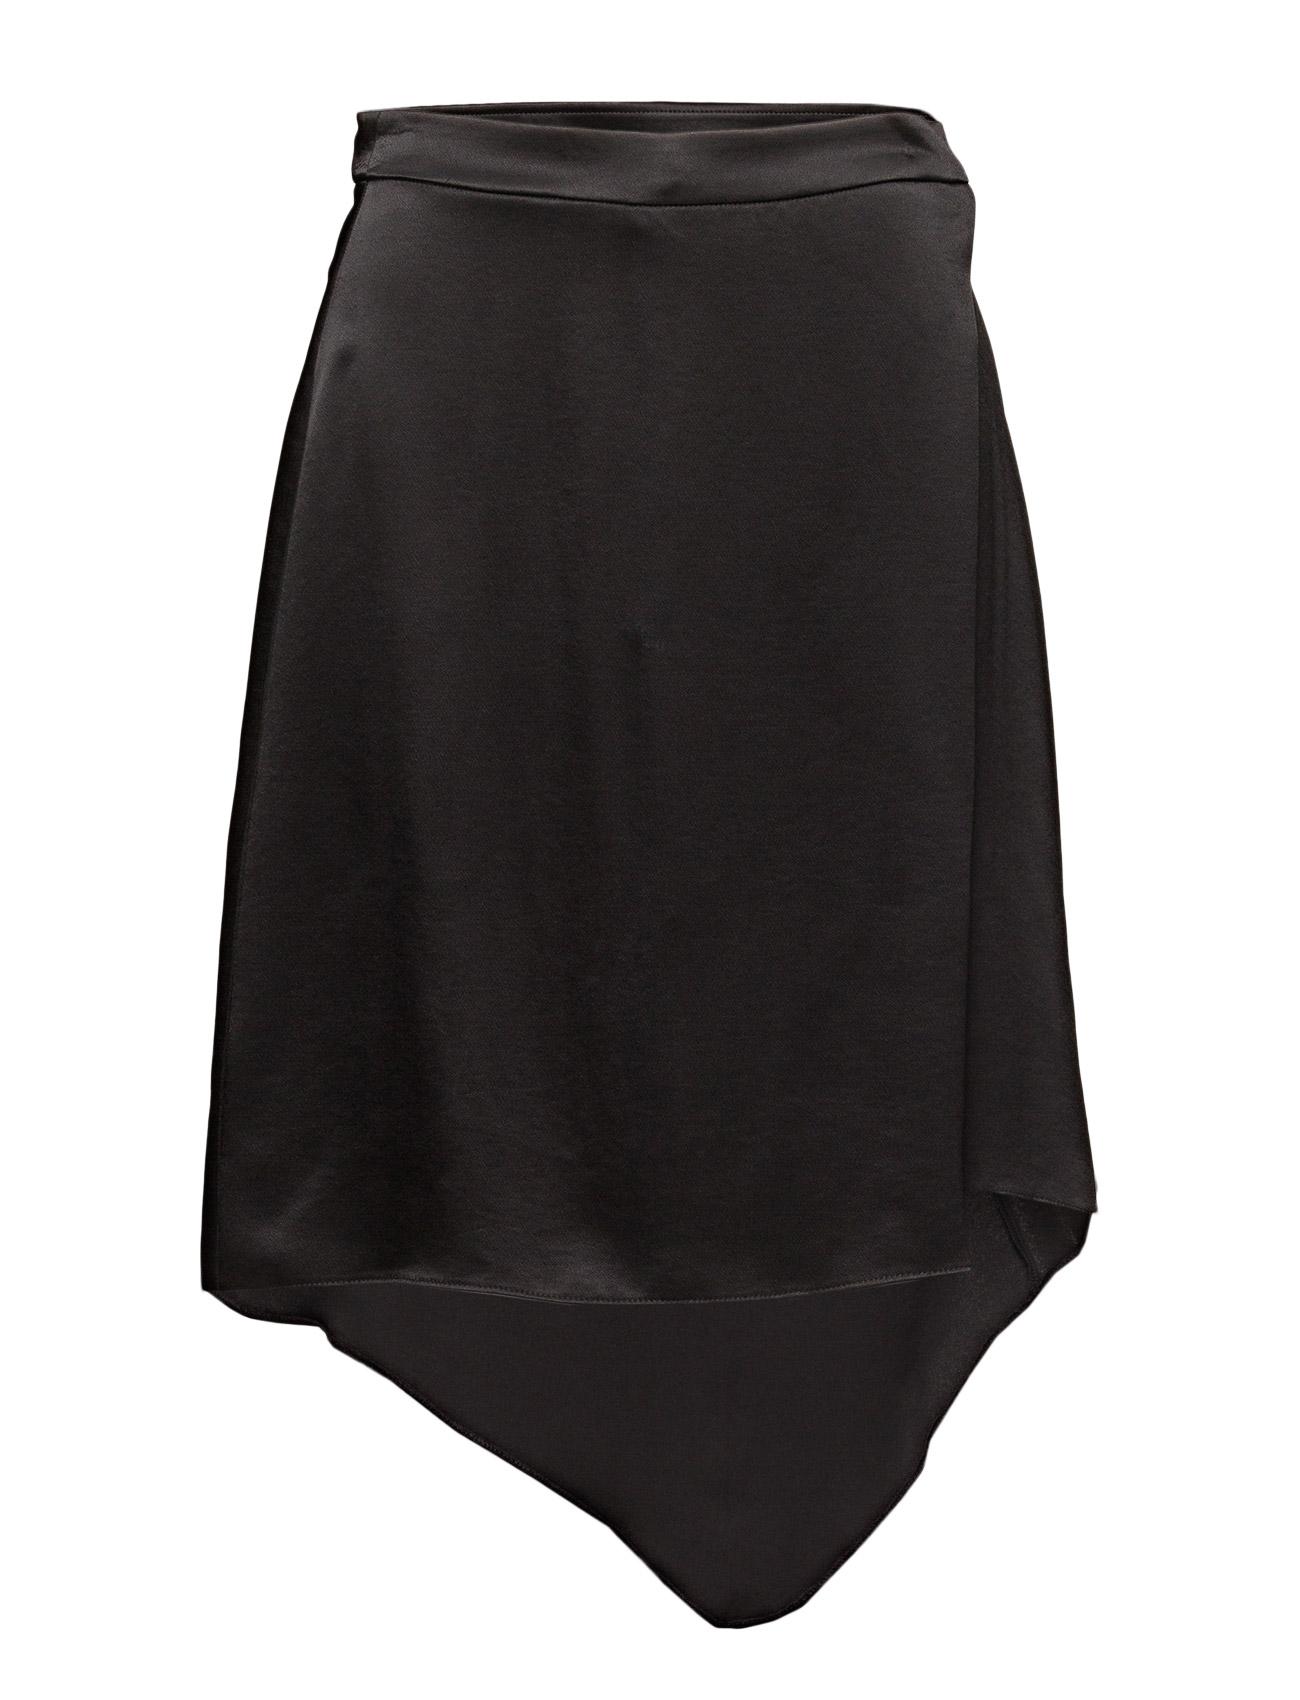 Skirt United Colors of Benetton Nederdele til Kvinder i